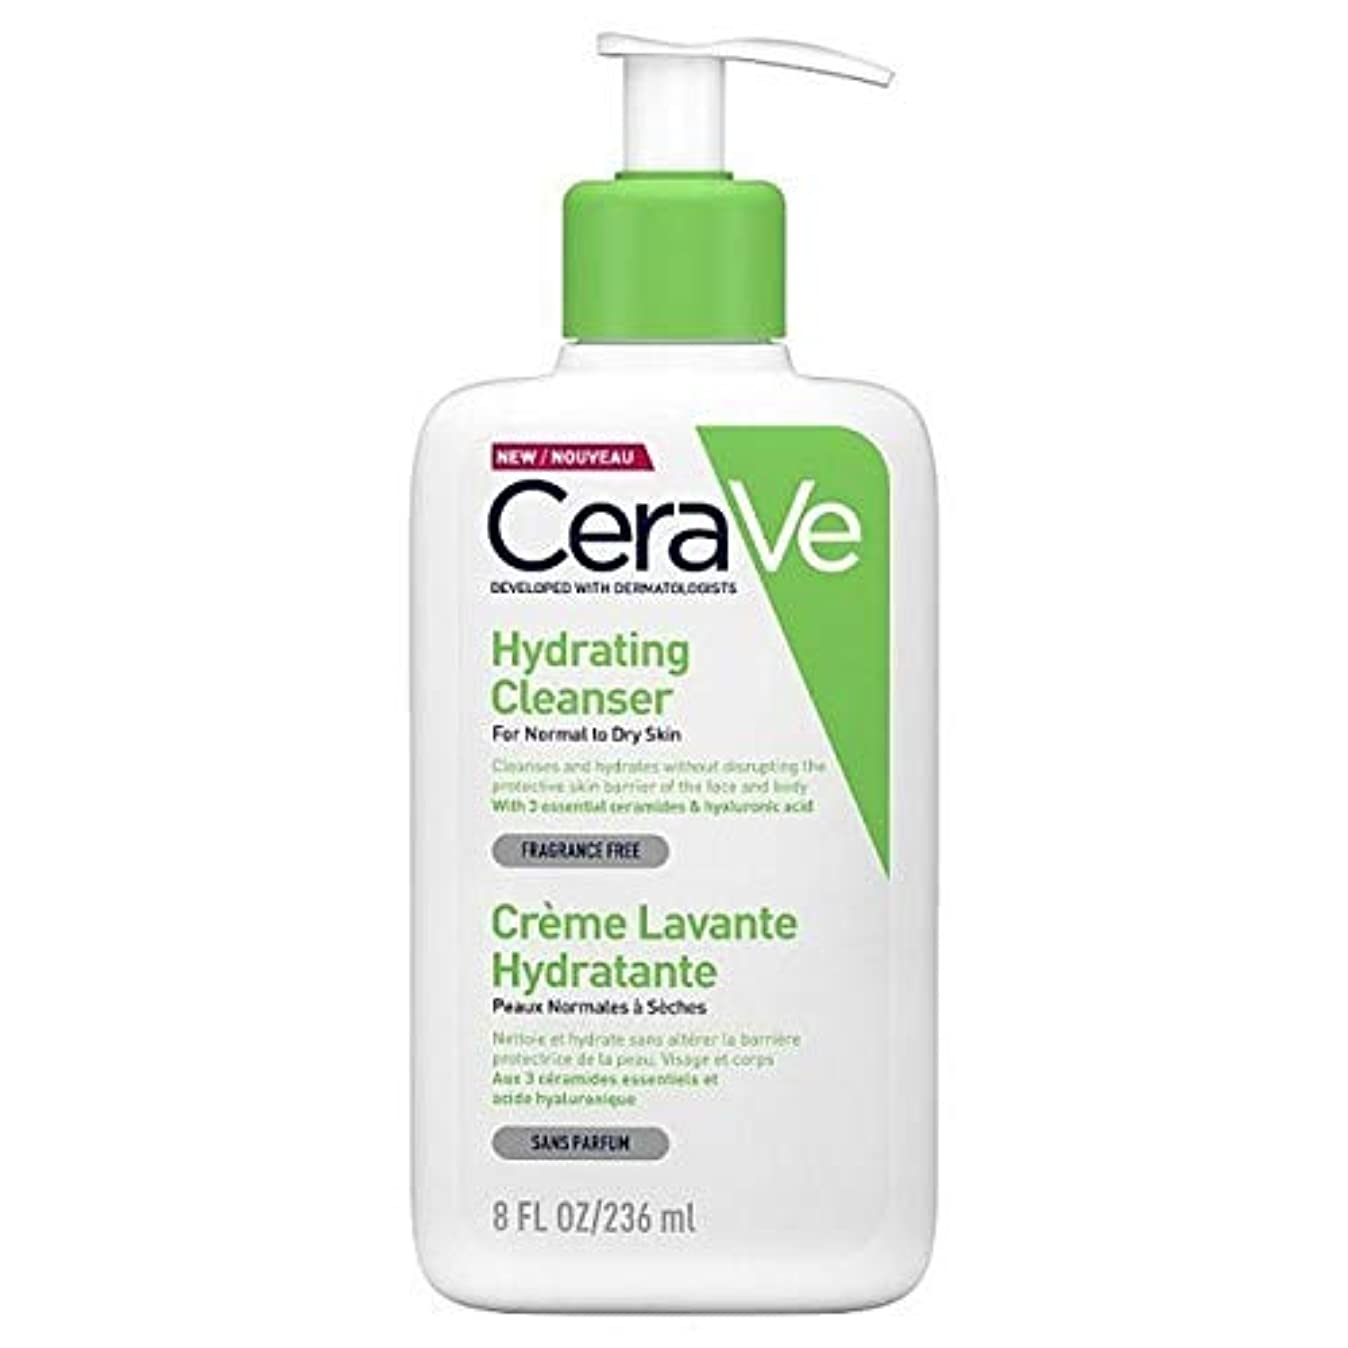 半径ルーム伸ばす[CeraVe] Cerave水和クレンザー236ミリリットル - CeraVe Hydrating Cleanser 236ml [並行輸入品]